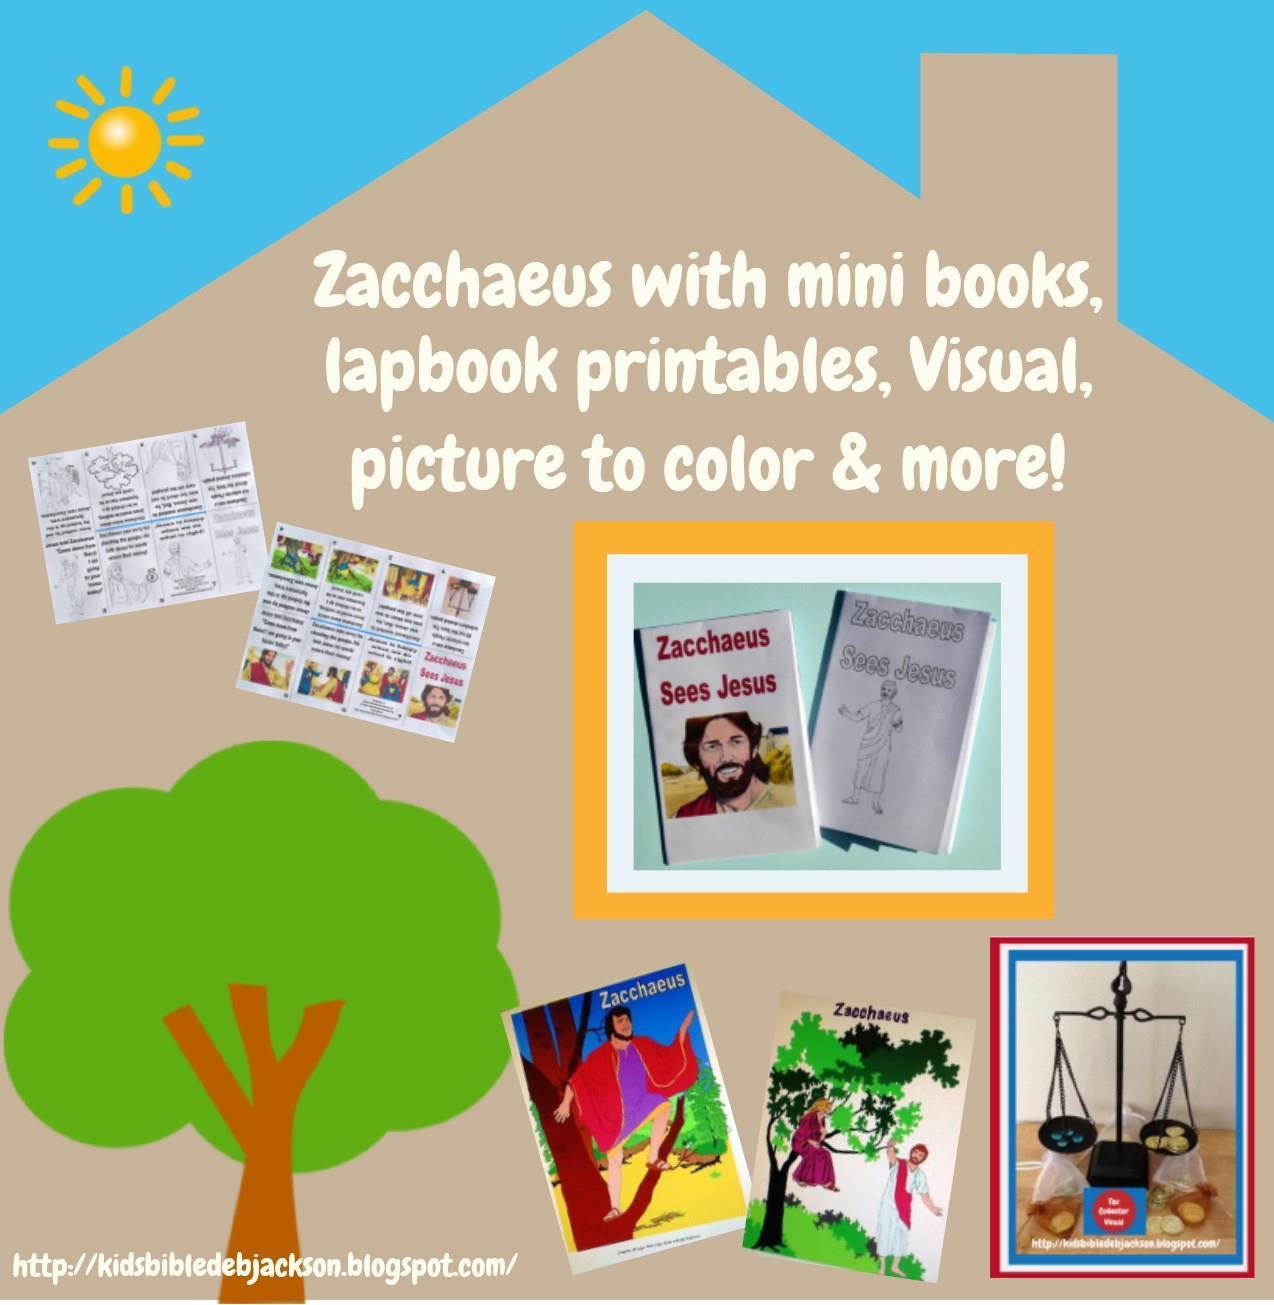 http://www.biblefunforkids.com/2013/07/zacchaeus.html